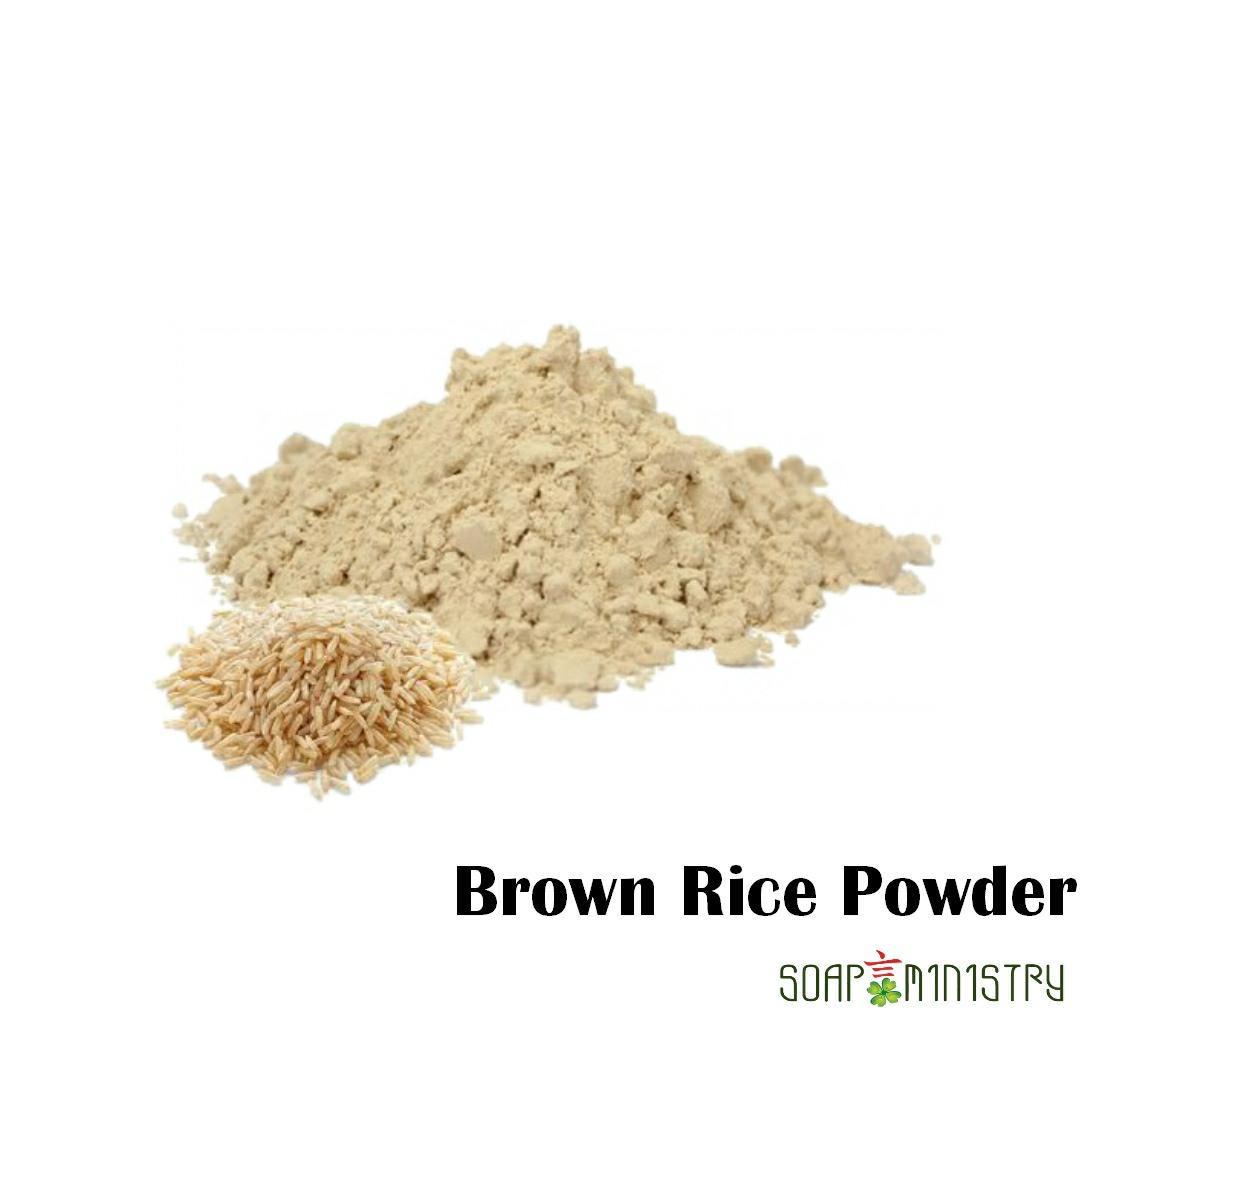 Brown Rice Powder 500g